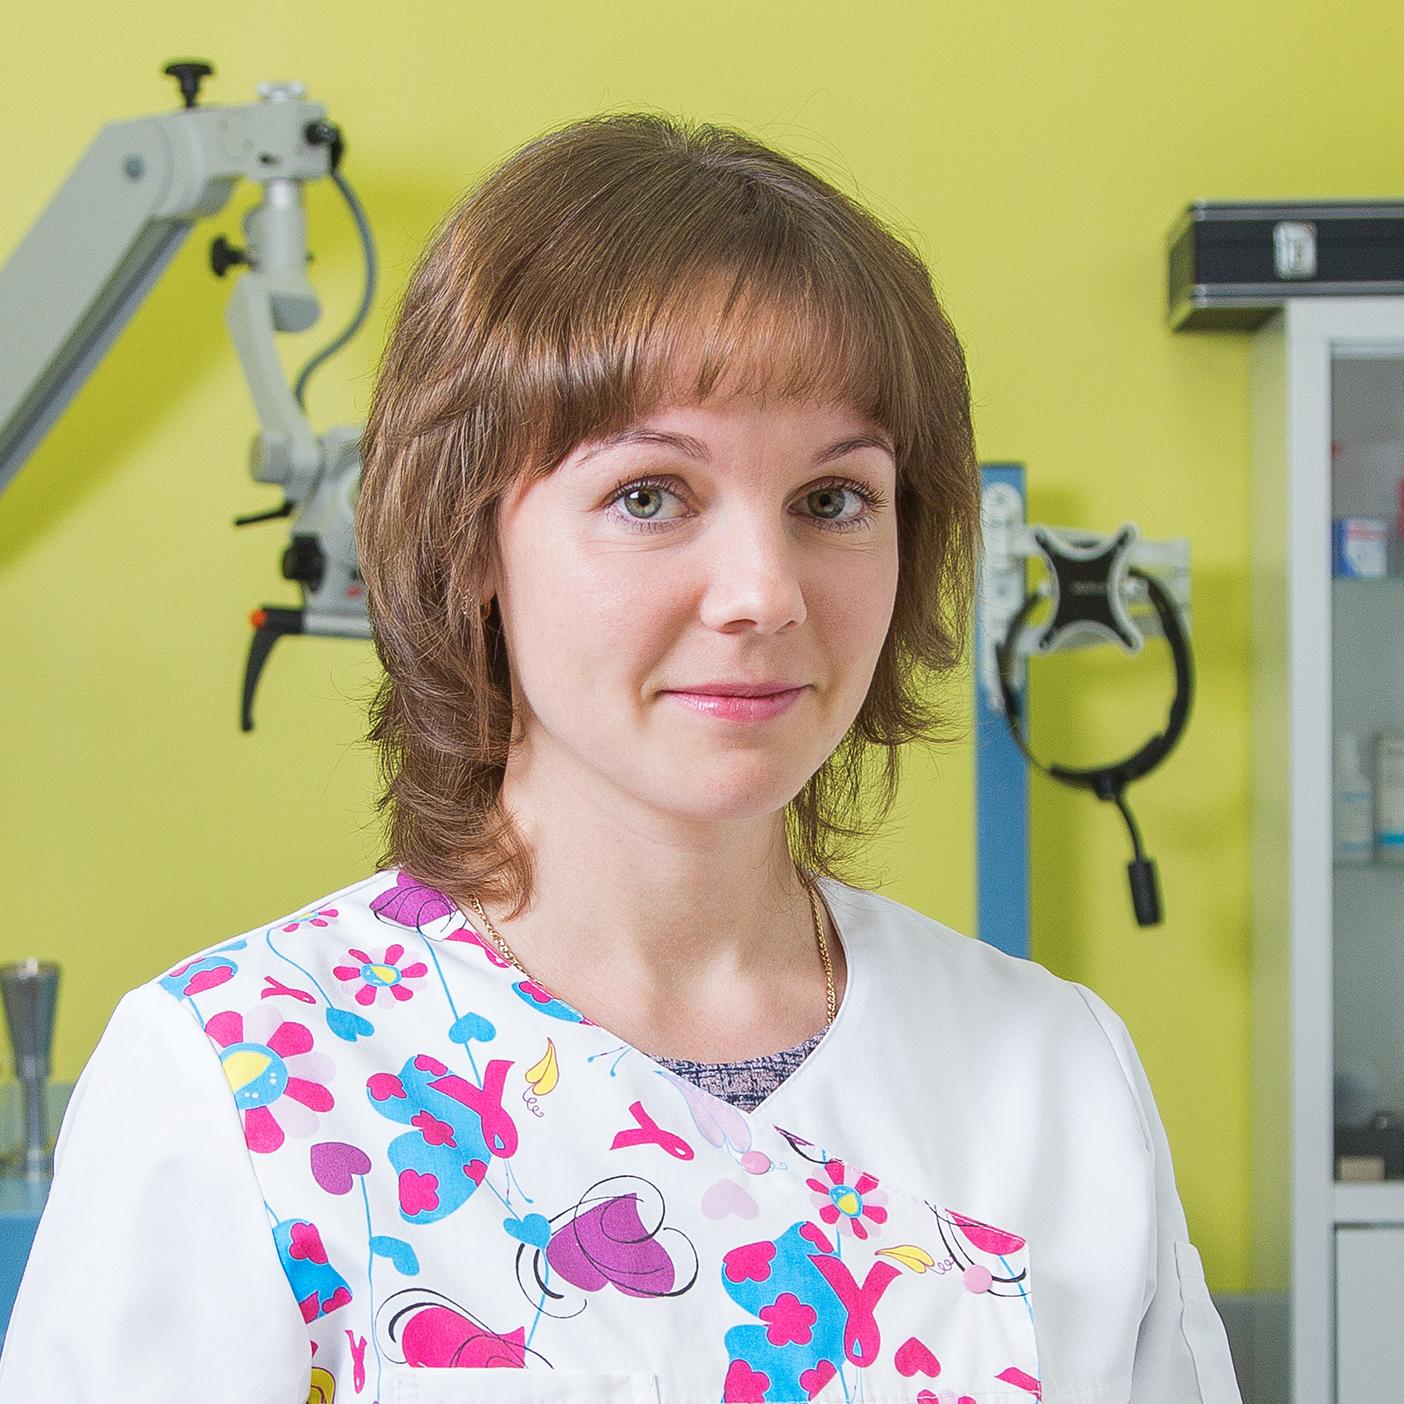 Черногребель Оксана Валерьевна